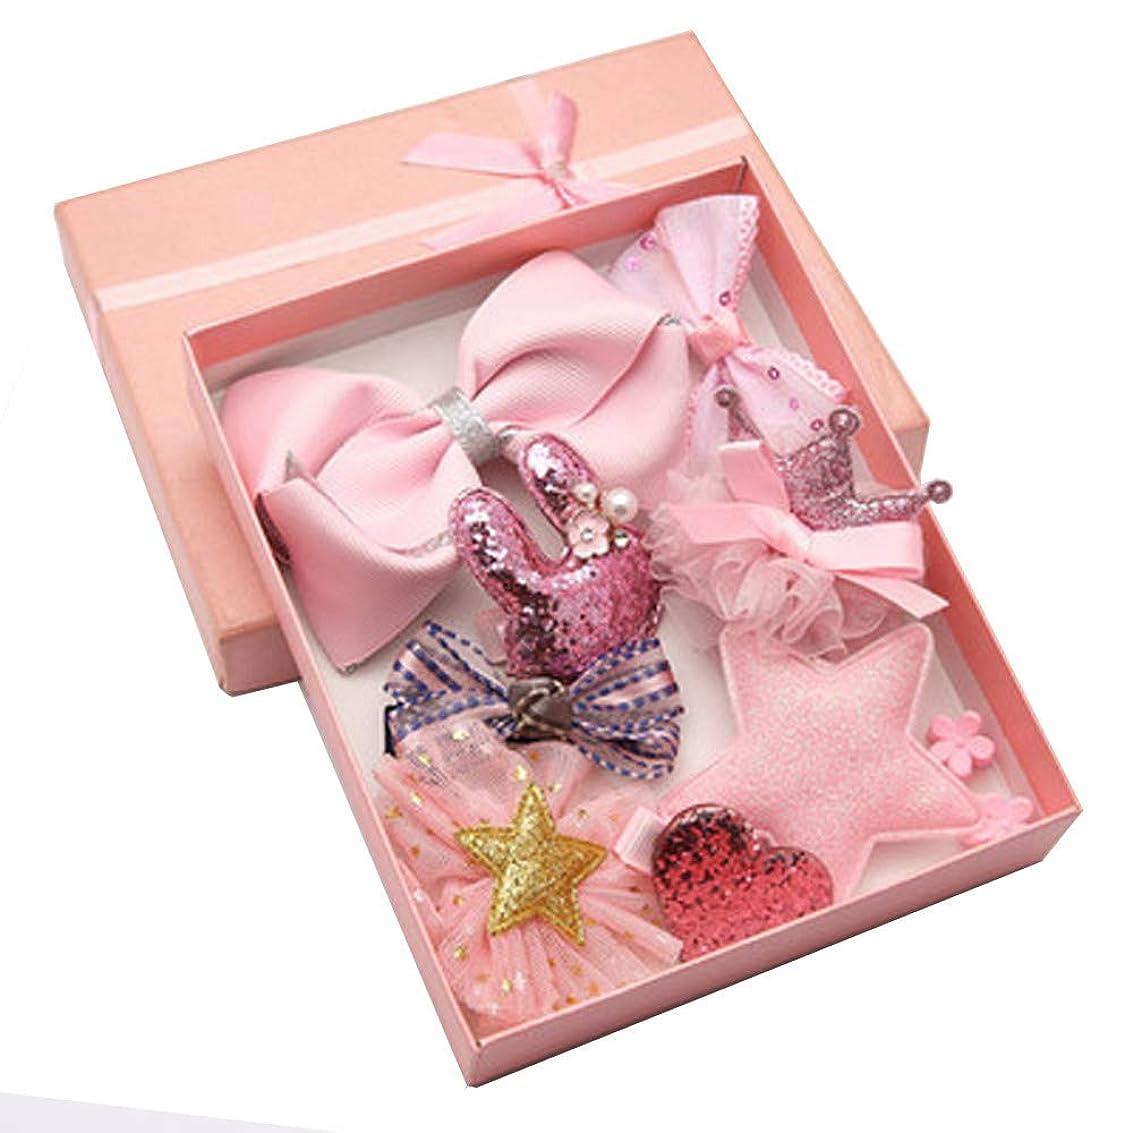 指定時代砂利Lazayyii 子供用ヘアアクセサリー赤ちゃん誕生日ギフト (ピンク)